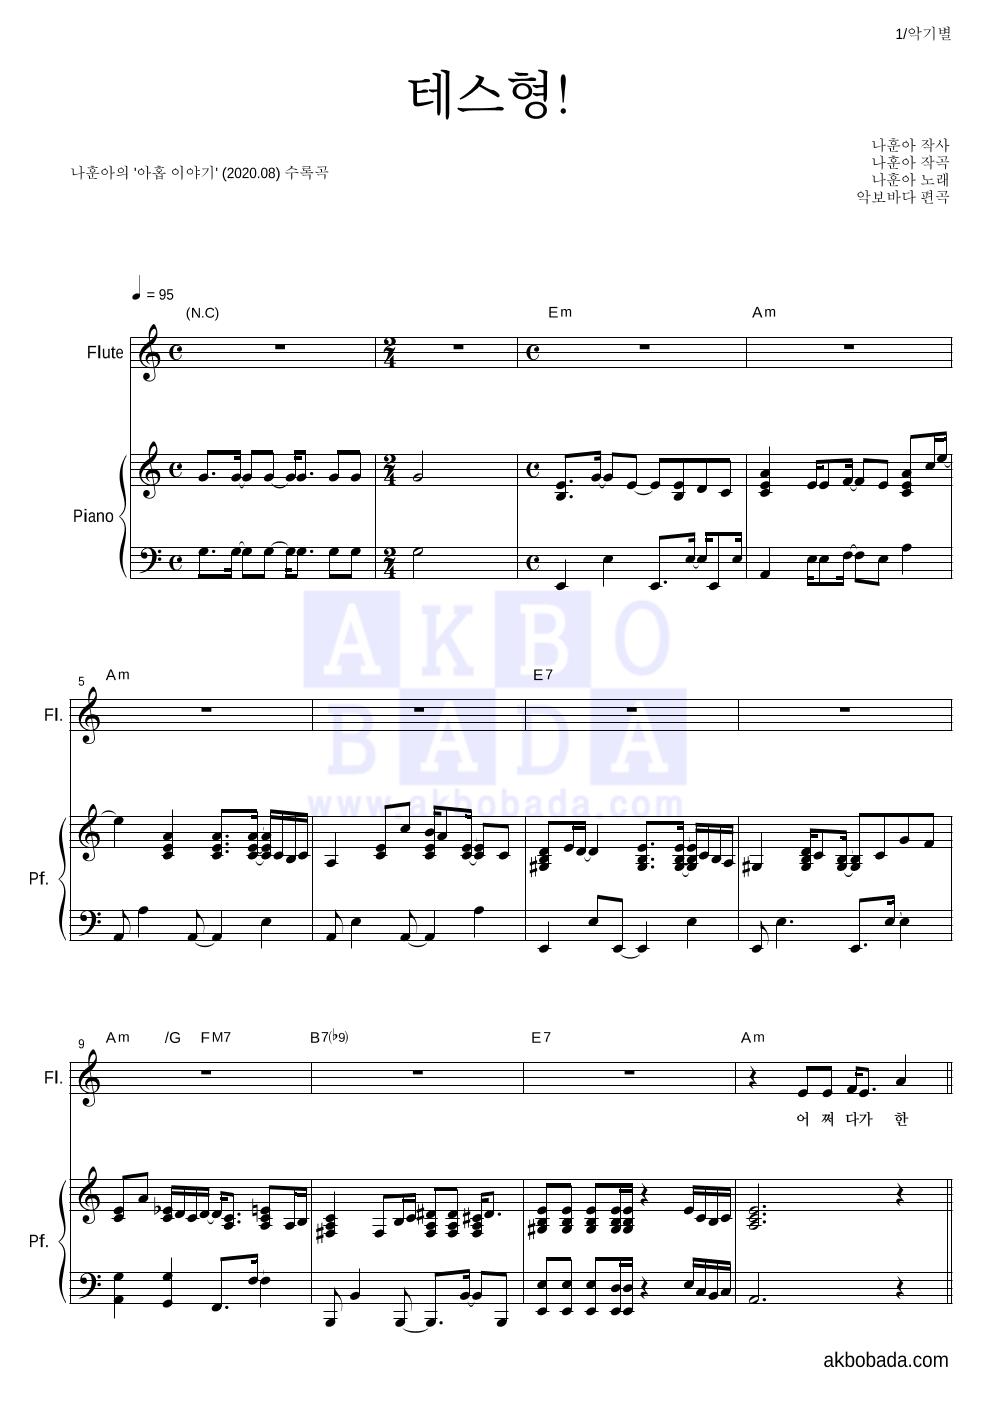 나훈아 - 테스형! 플룻&피아노 악보